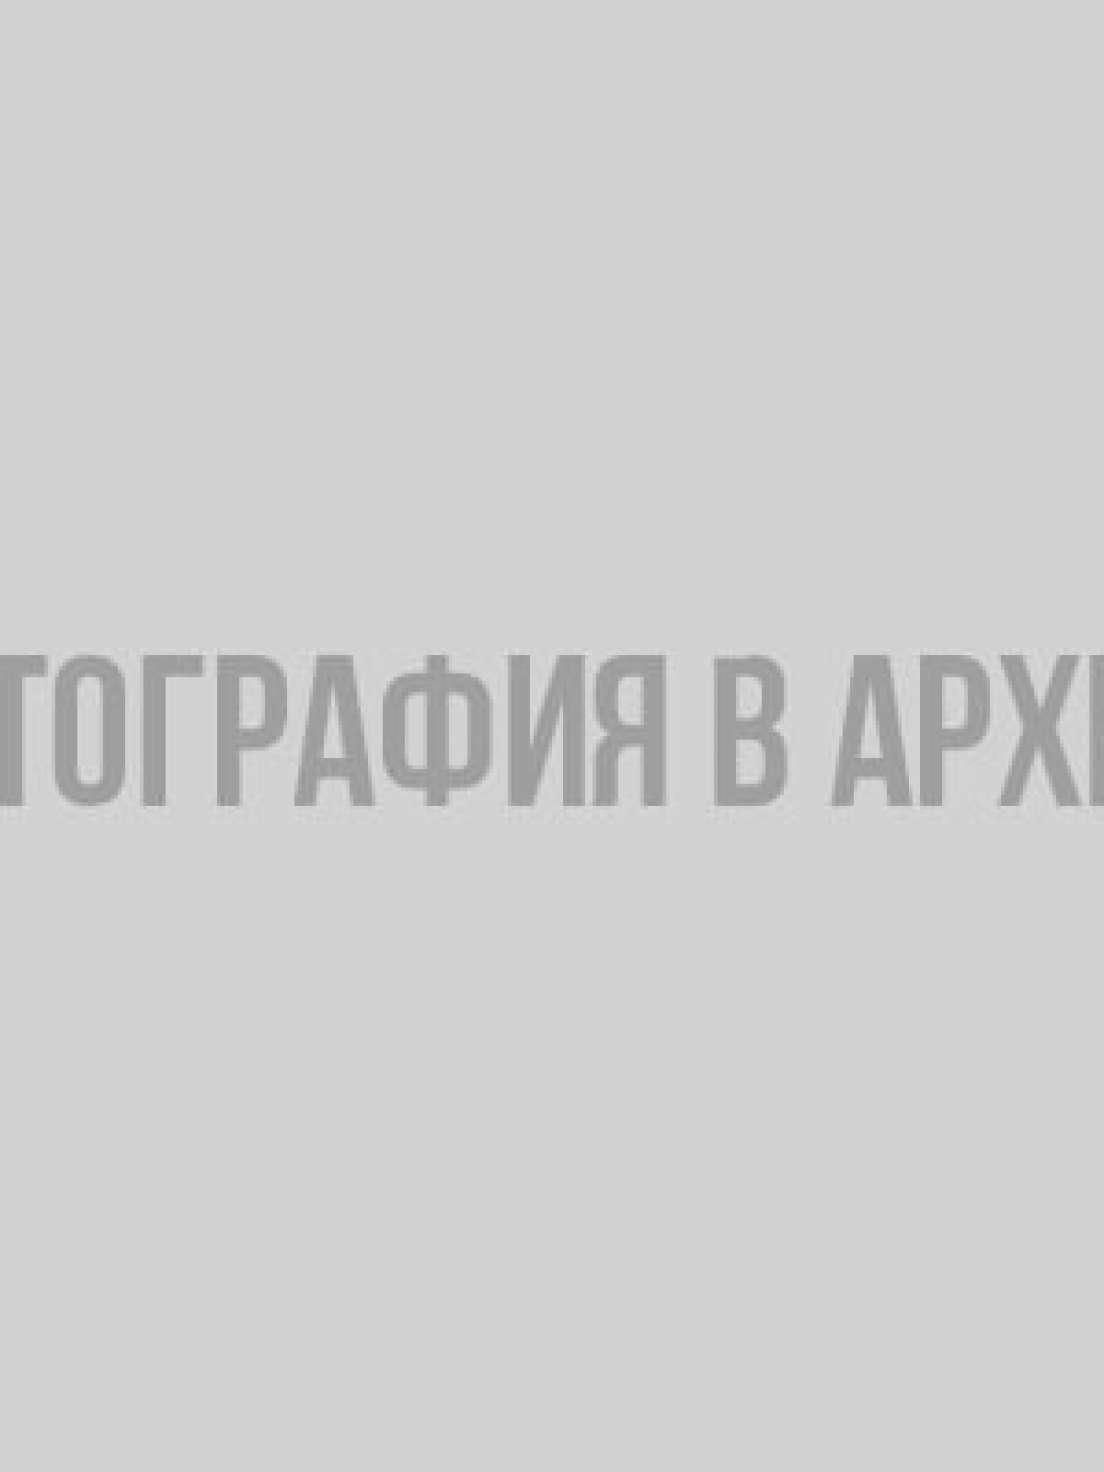 На Володарском мосту произошли сразу две аварии, есть пострадавшие Петербург, ДТП, Володарский мост, авария